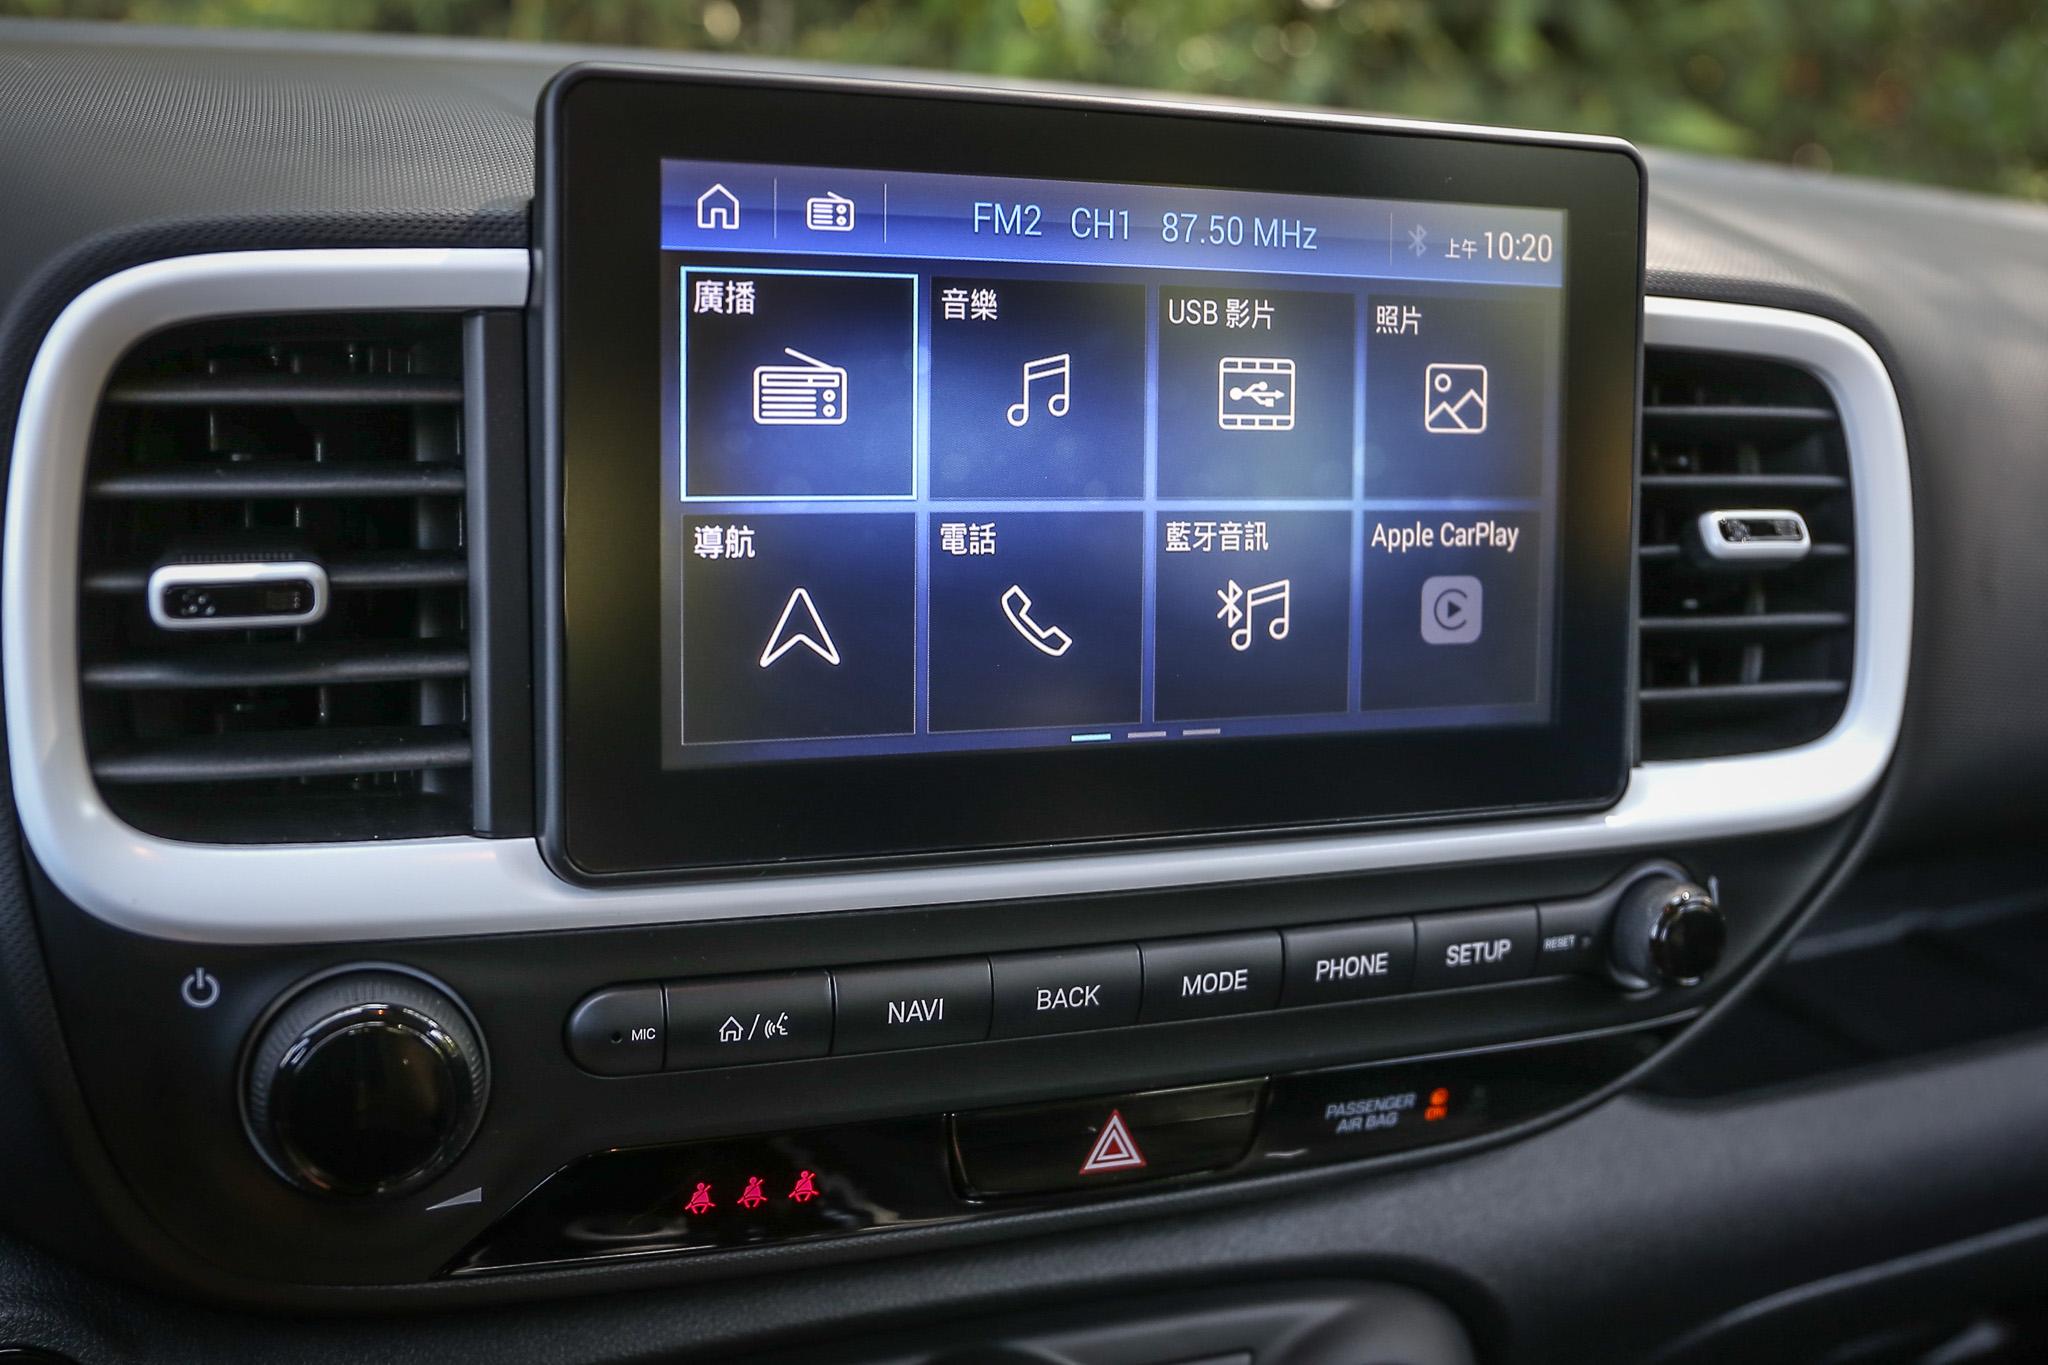 八吋觸控懸浮式影音系統為 Venue 車系標準配備。